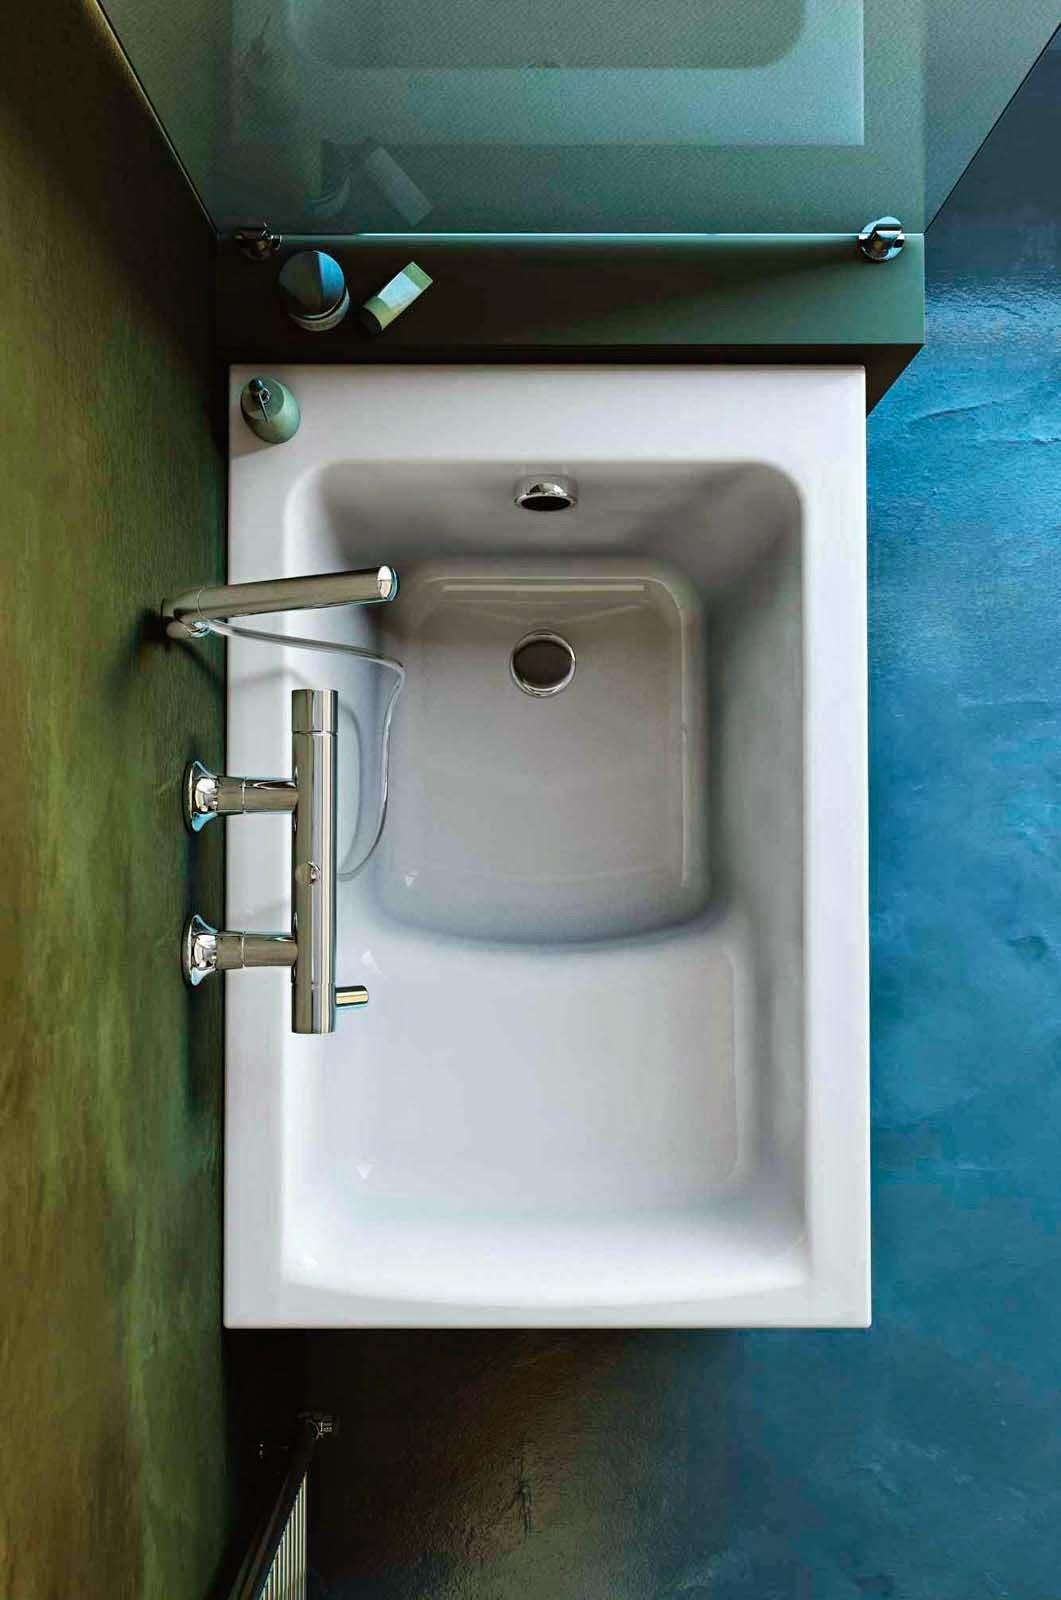 Vasca Da Bagno Con Seduta E Legno Oggetti Design : Ceramiche appia nuova vasca quante soluzione per un